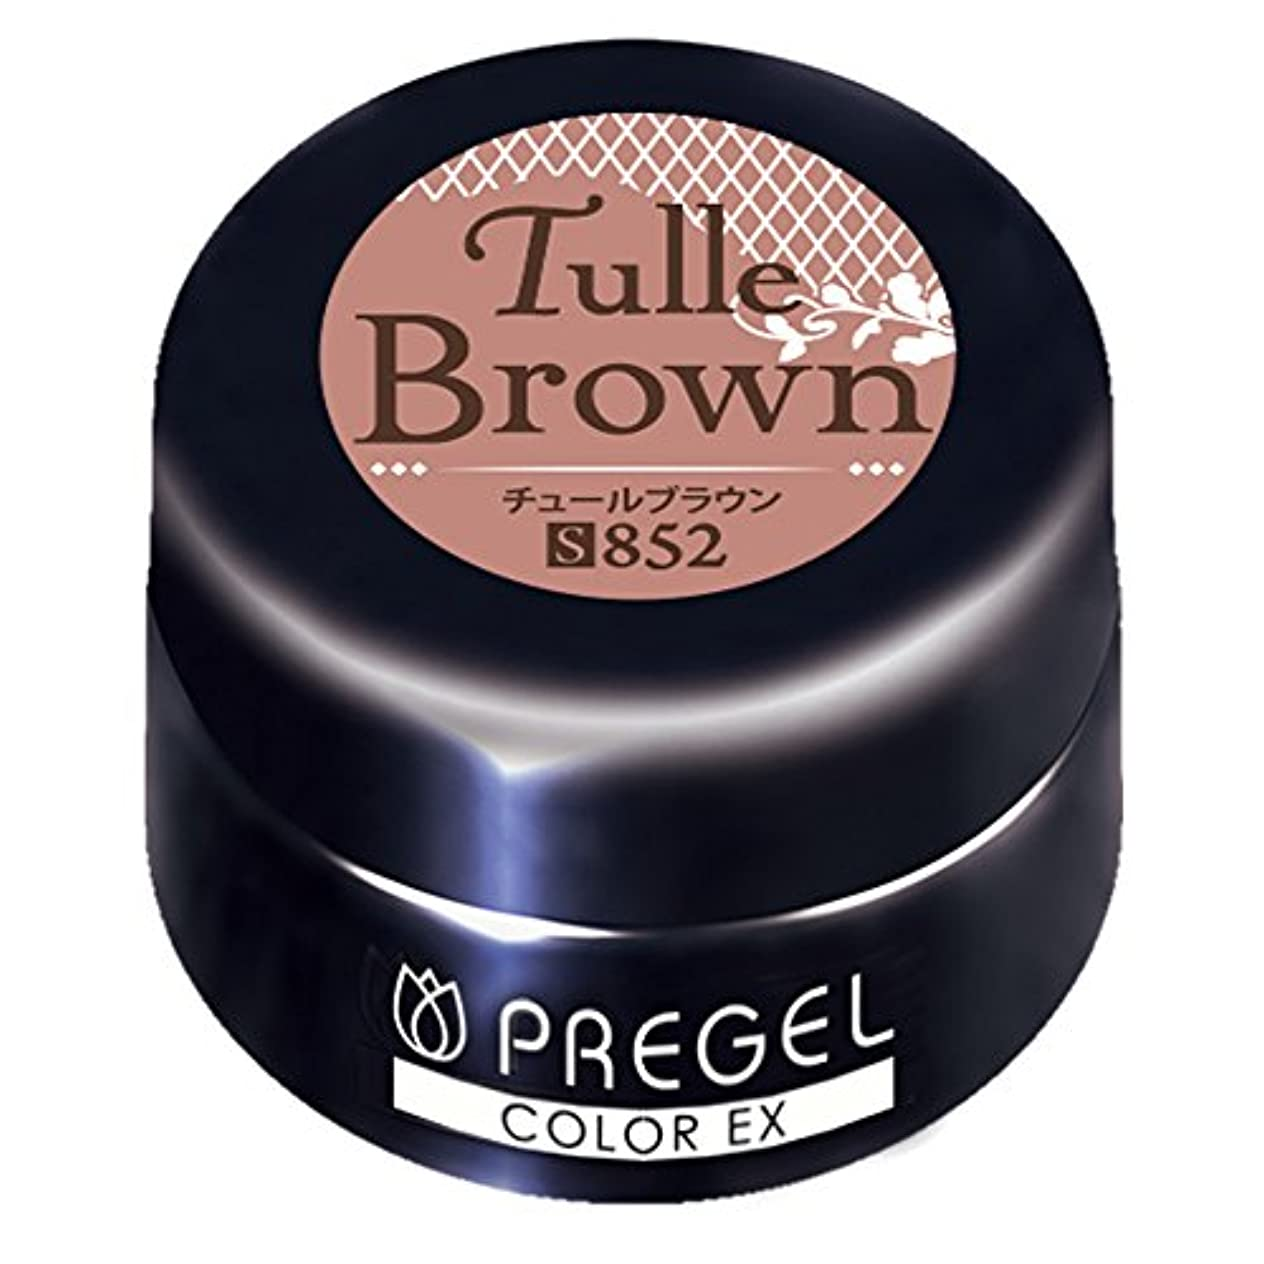 聞きます説得気怠いPRE GEL カラーEX チュールブラウン852 3g UV/LED対応 カラージェル